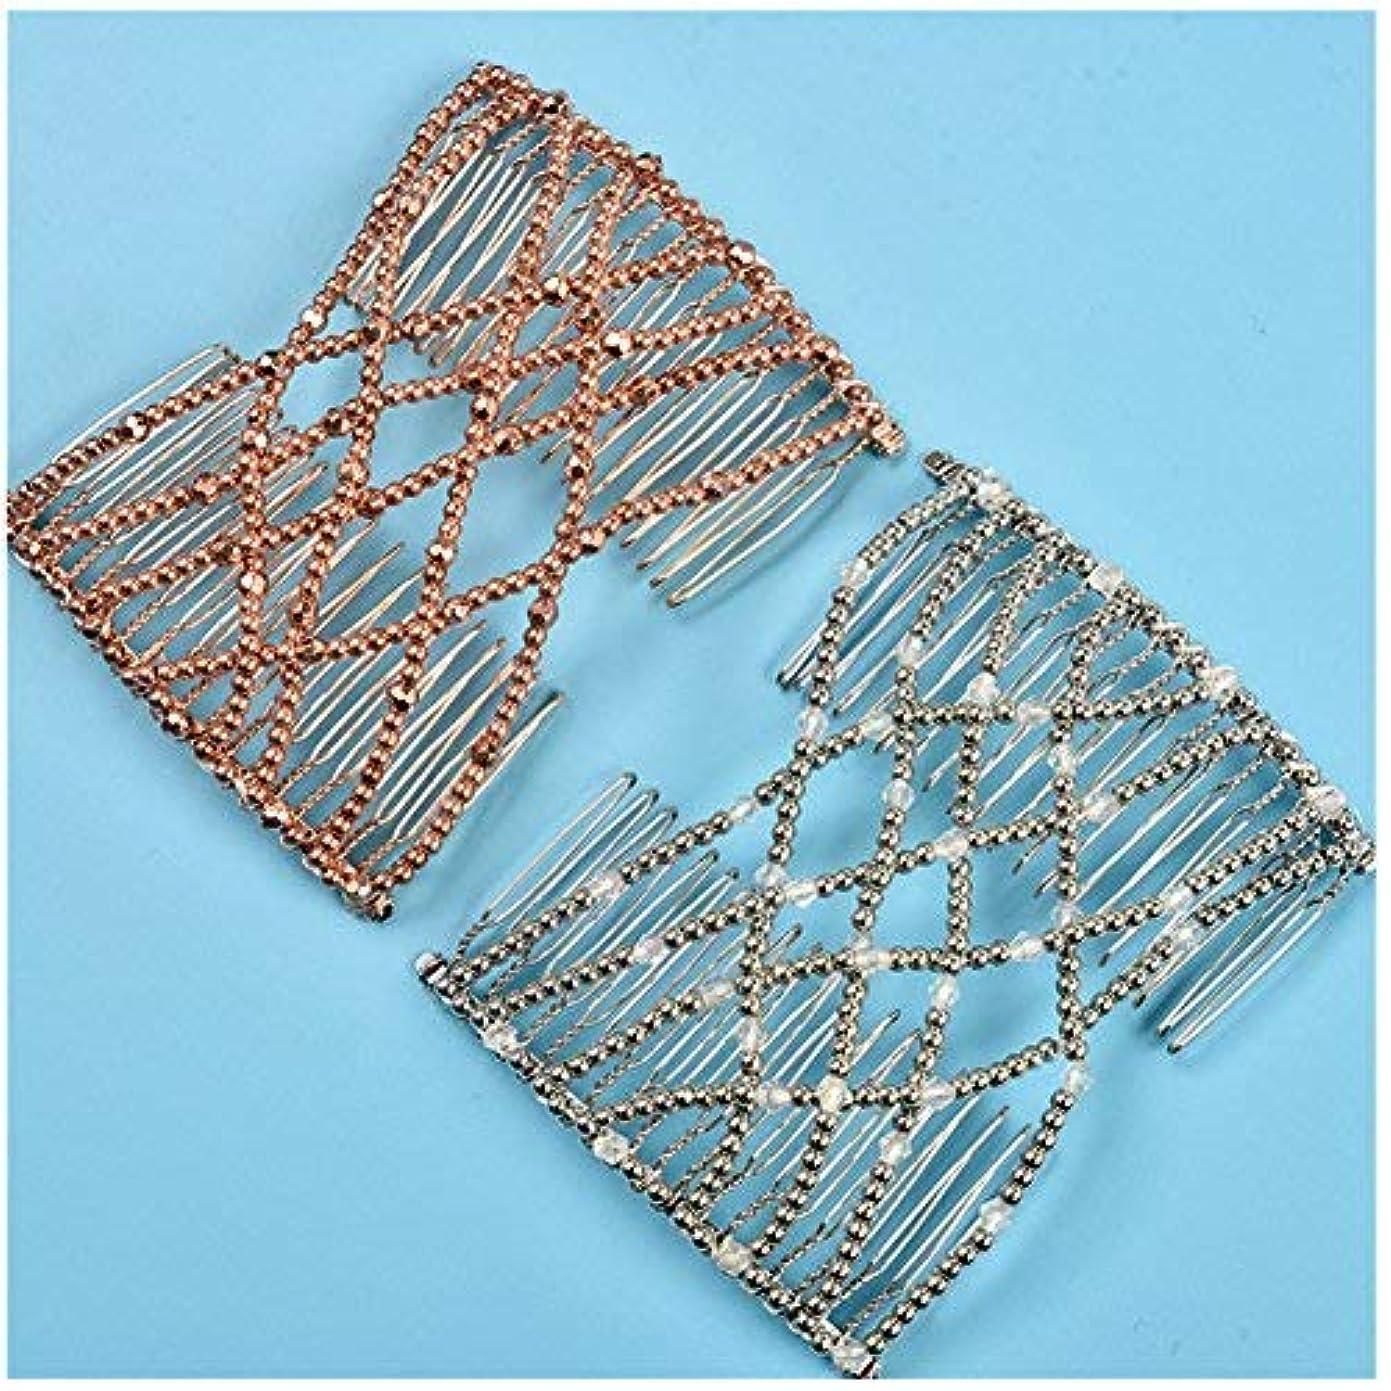 下線魂歴史的Lovef 2pcs Fashion Magic Beaded Elasticity Double Hair Comb Clip Stretchy Women Hair Accessories [並行輸入品]